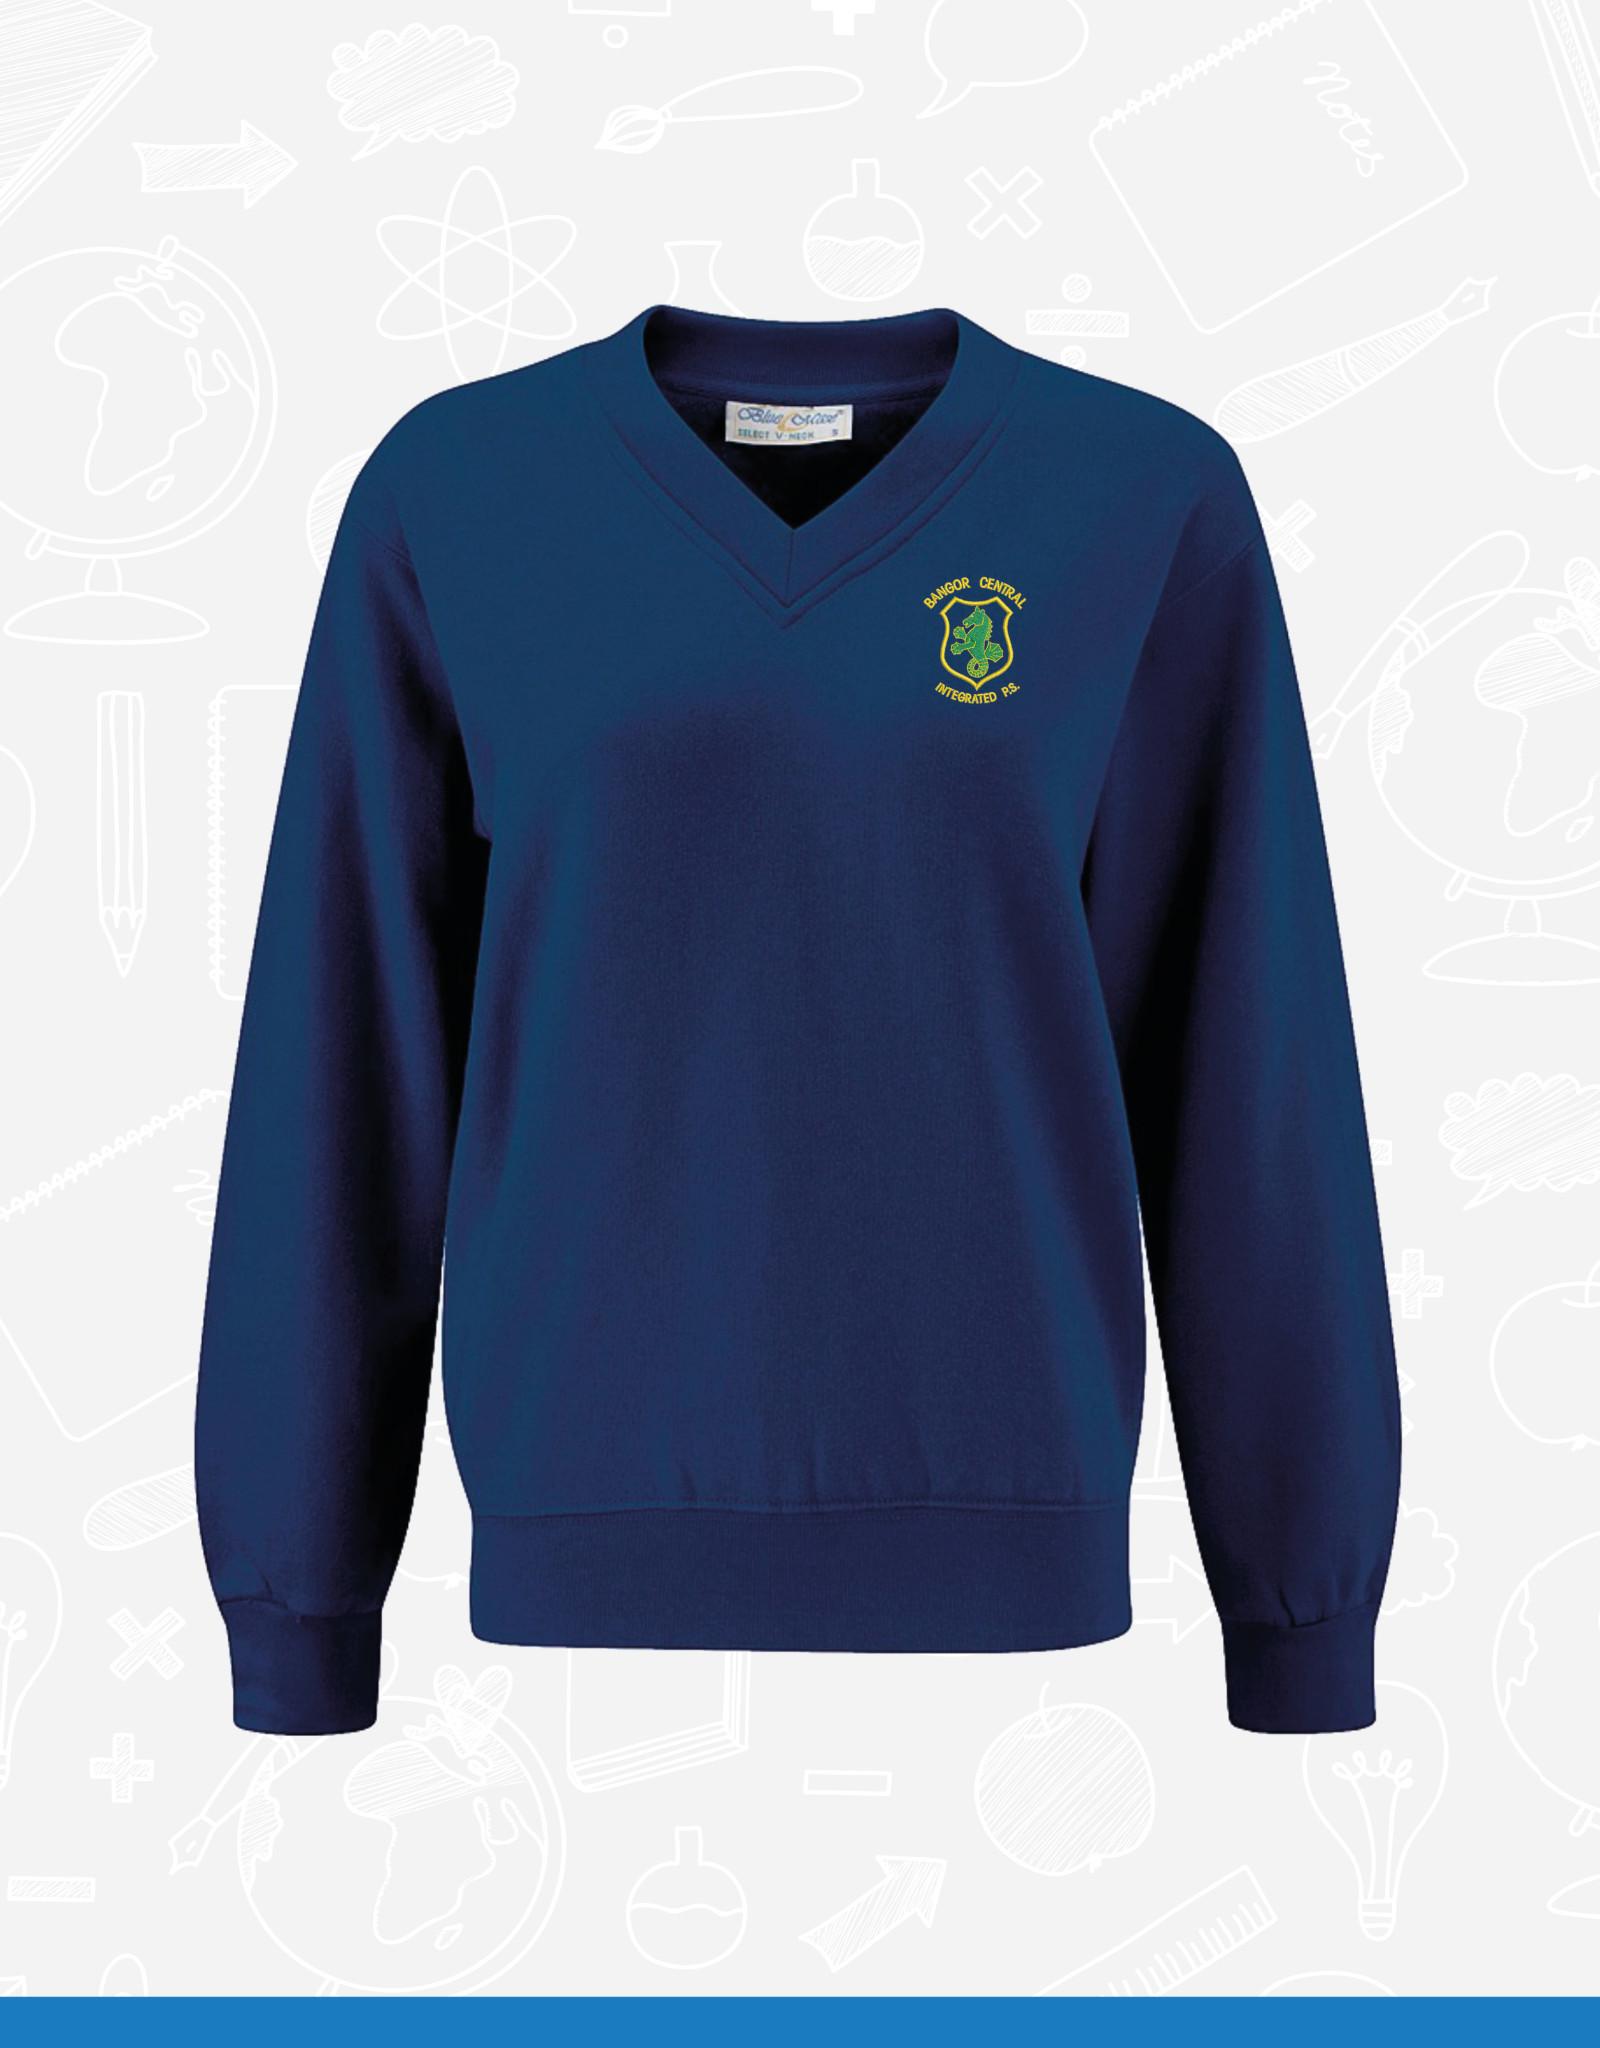 Banner Bangor Central V-Neck Sweatshirt (3SV)